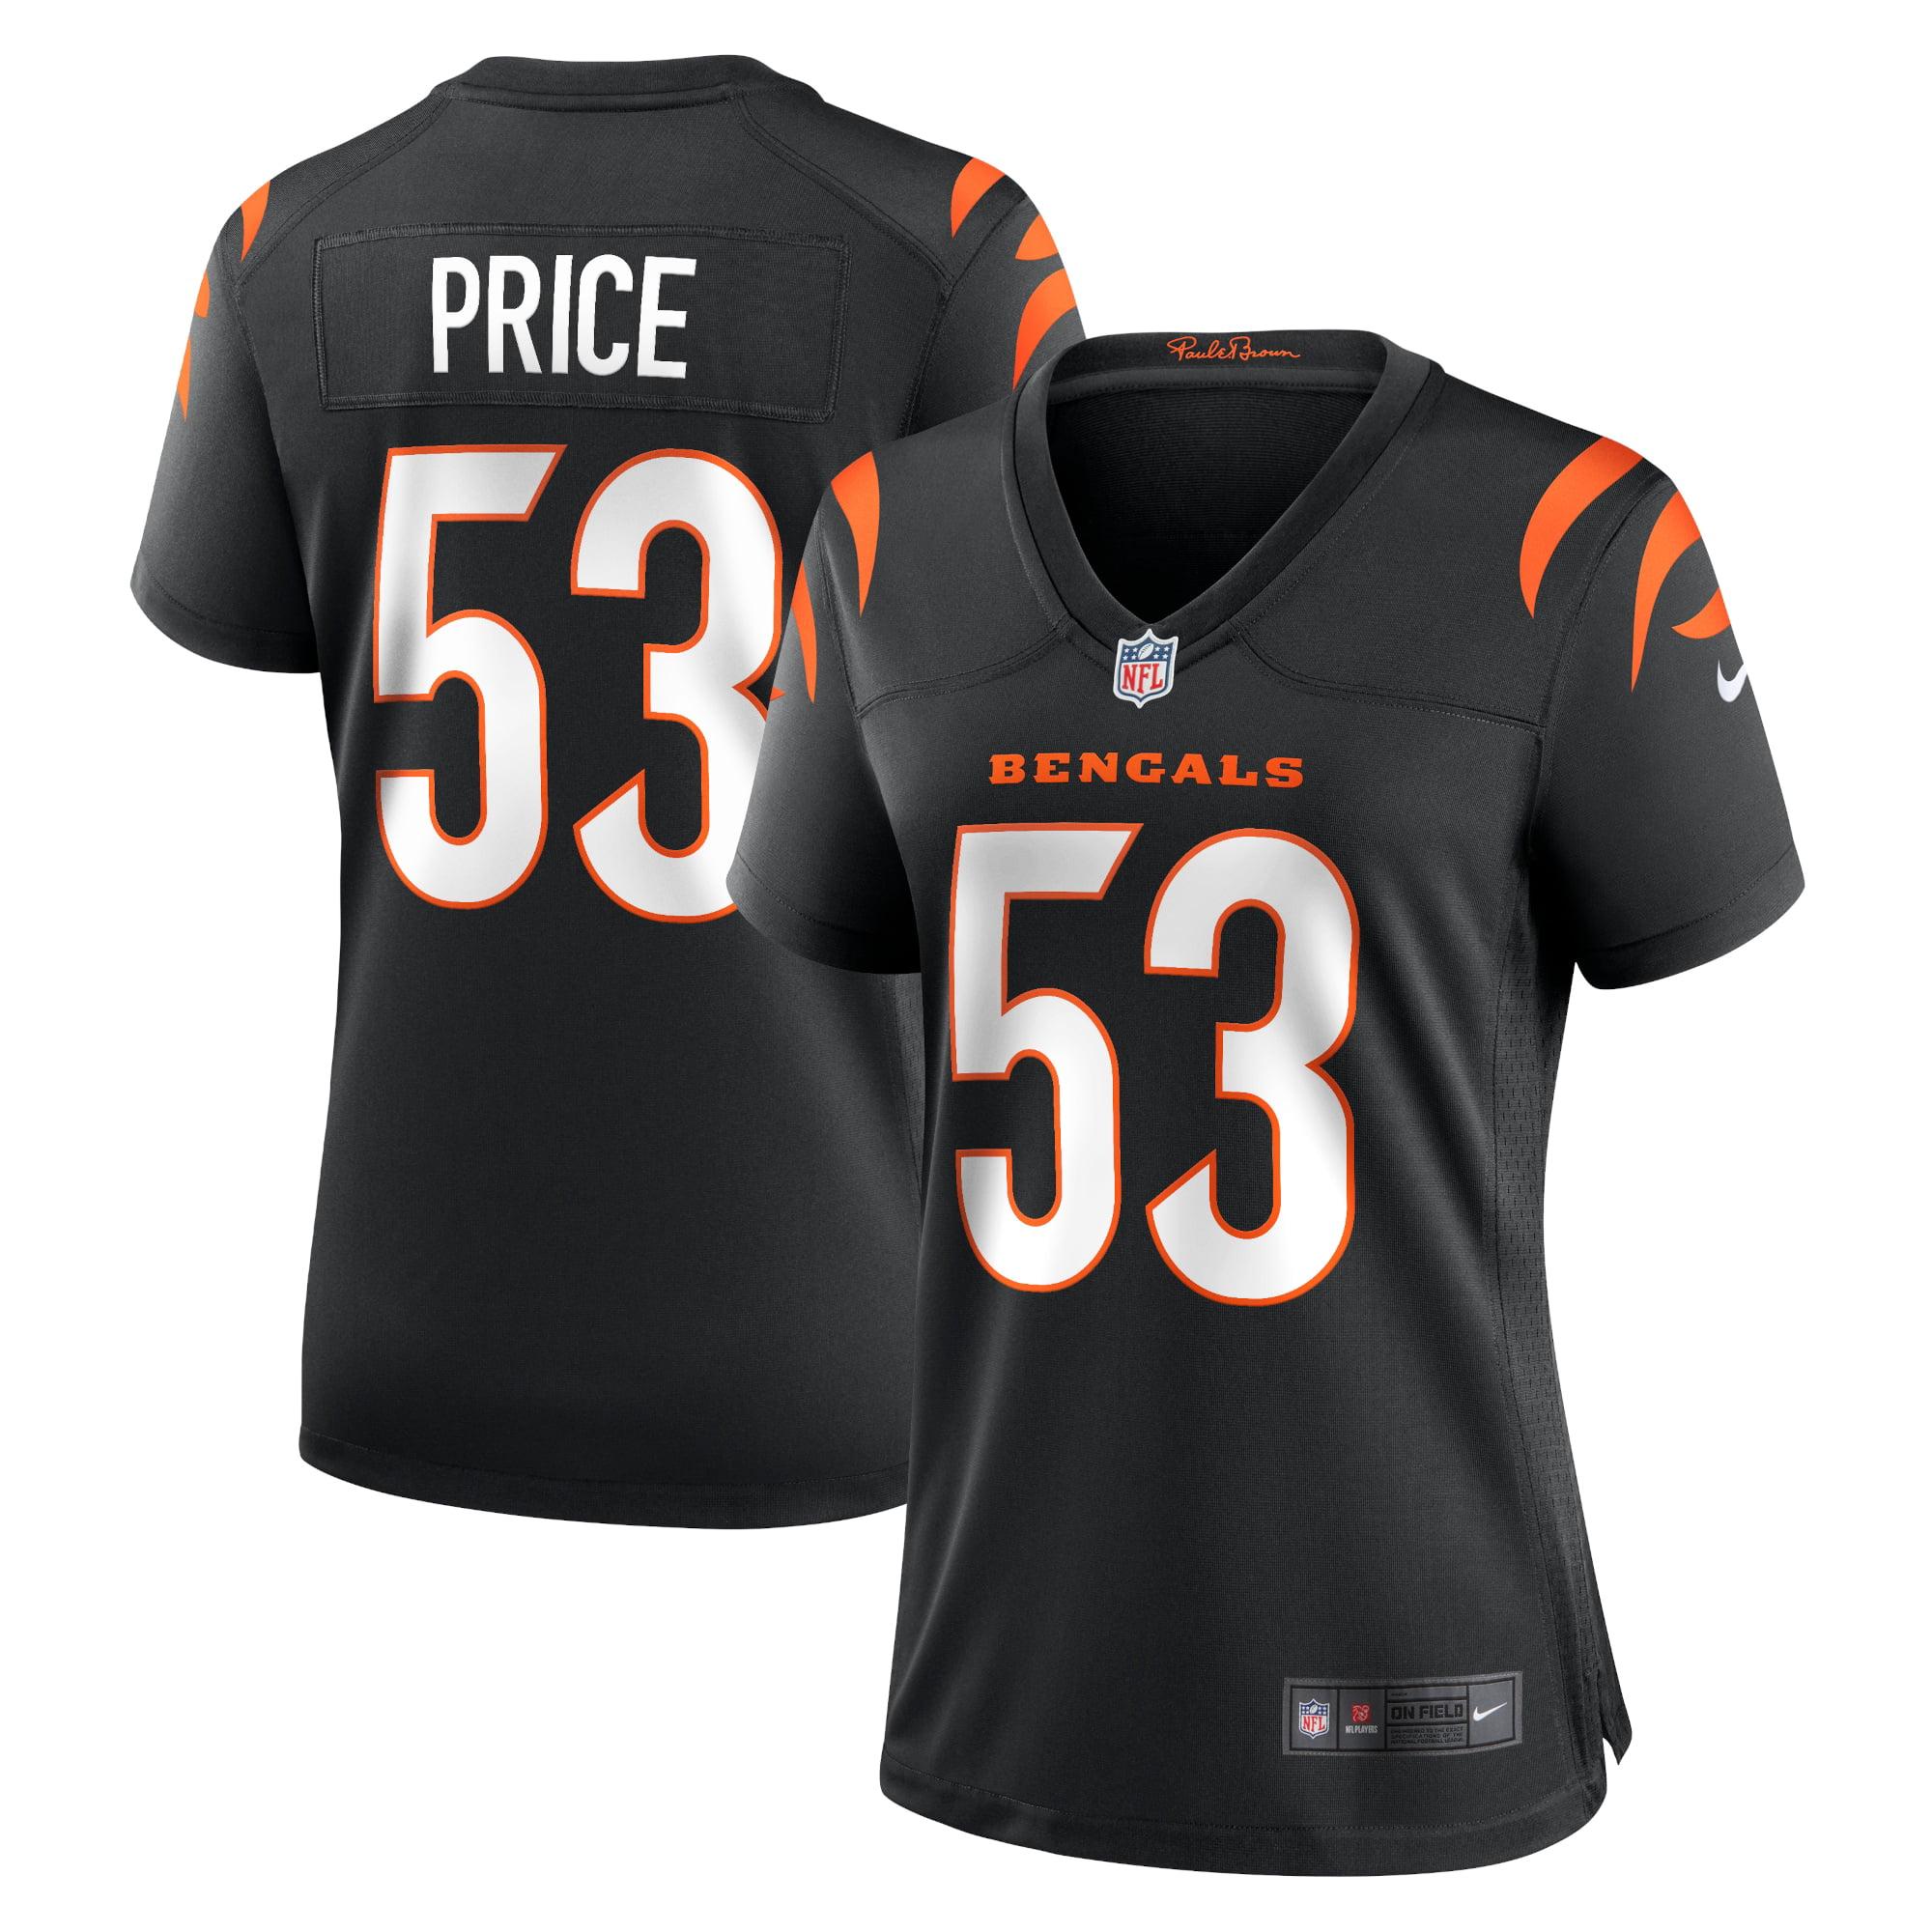 Billy Price Cincinnati Bengals Women's Nike Game Jersey - Black - Walmart.com